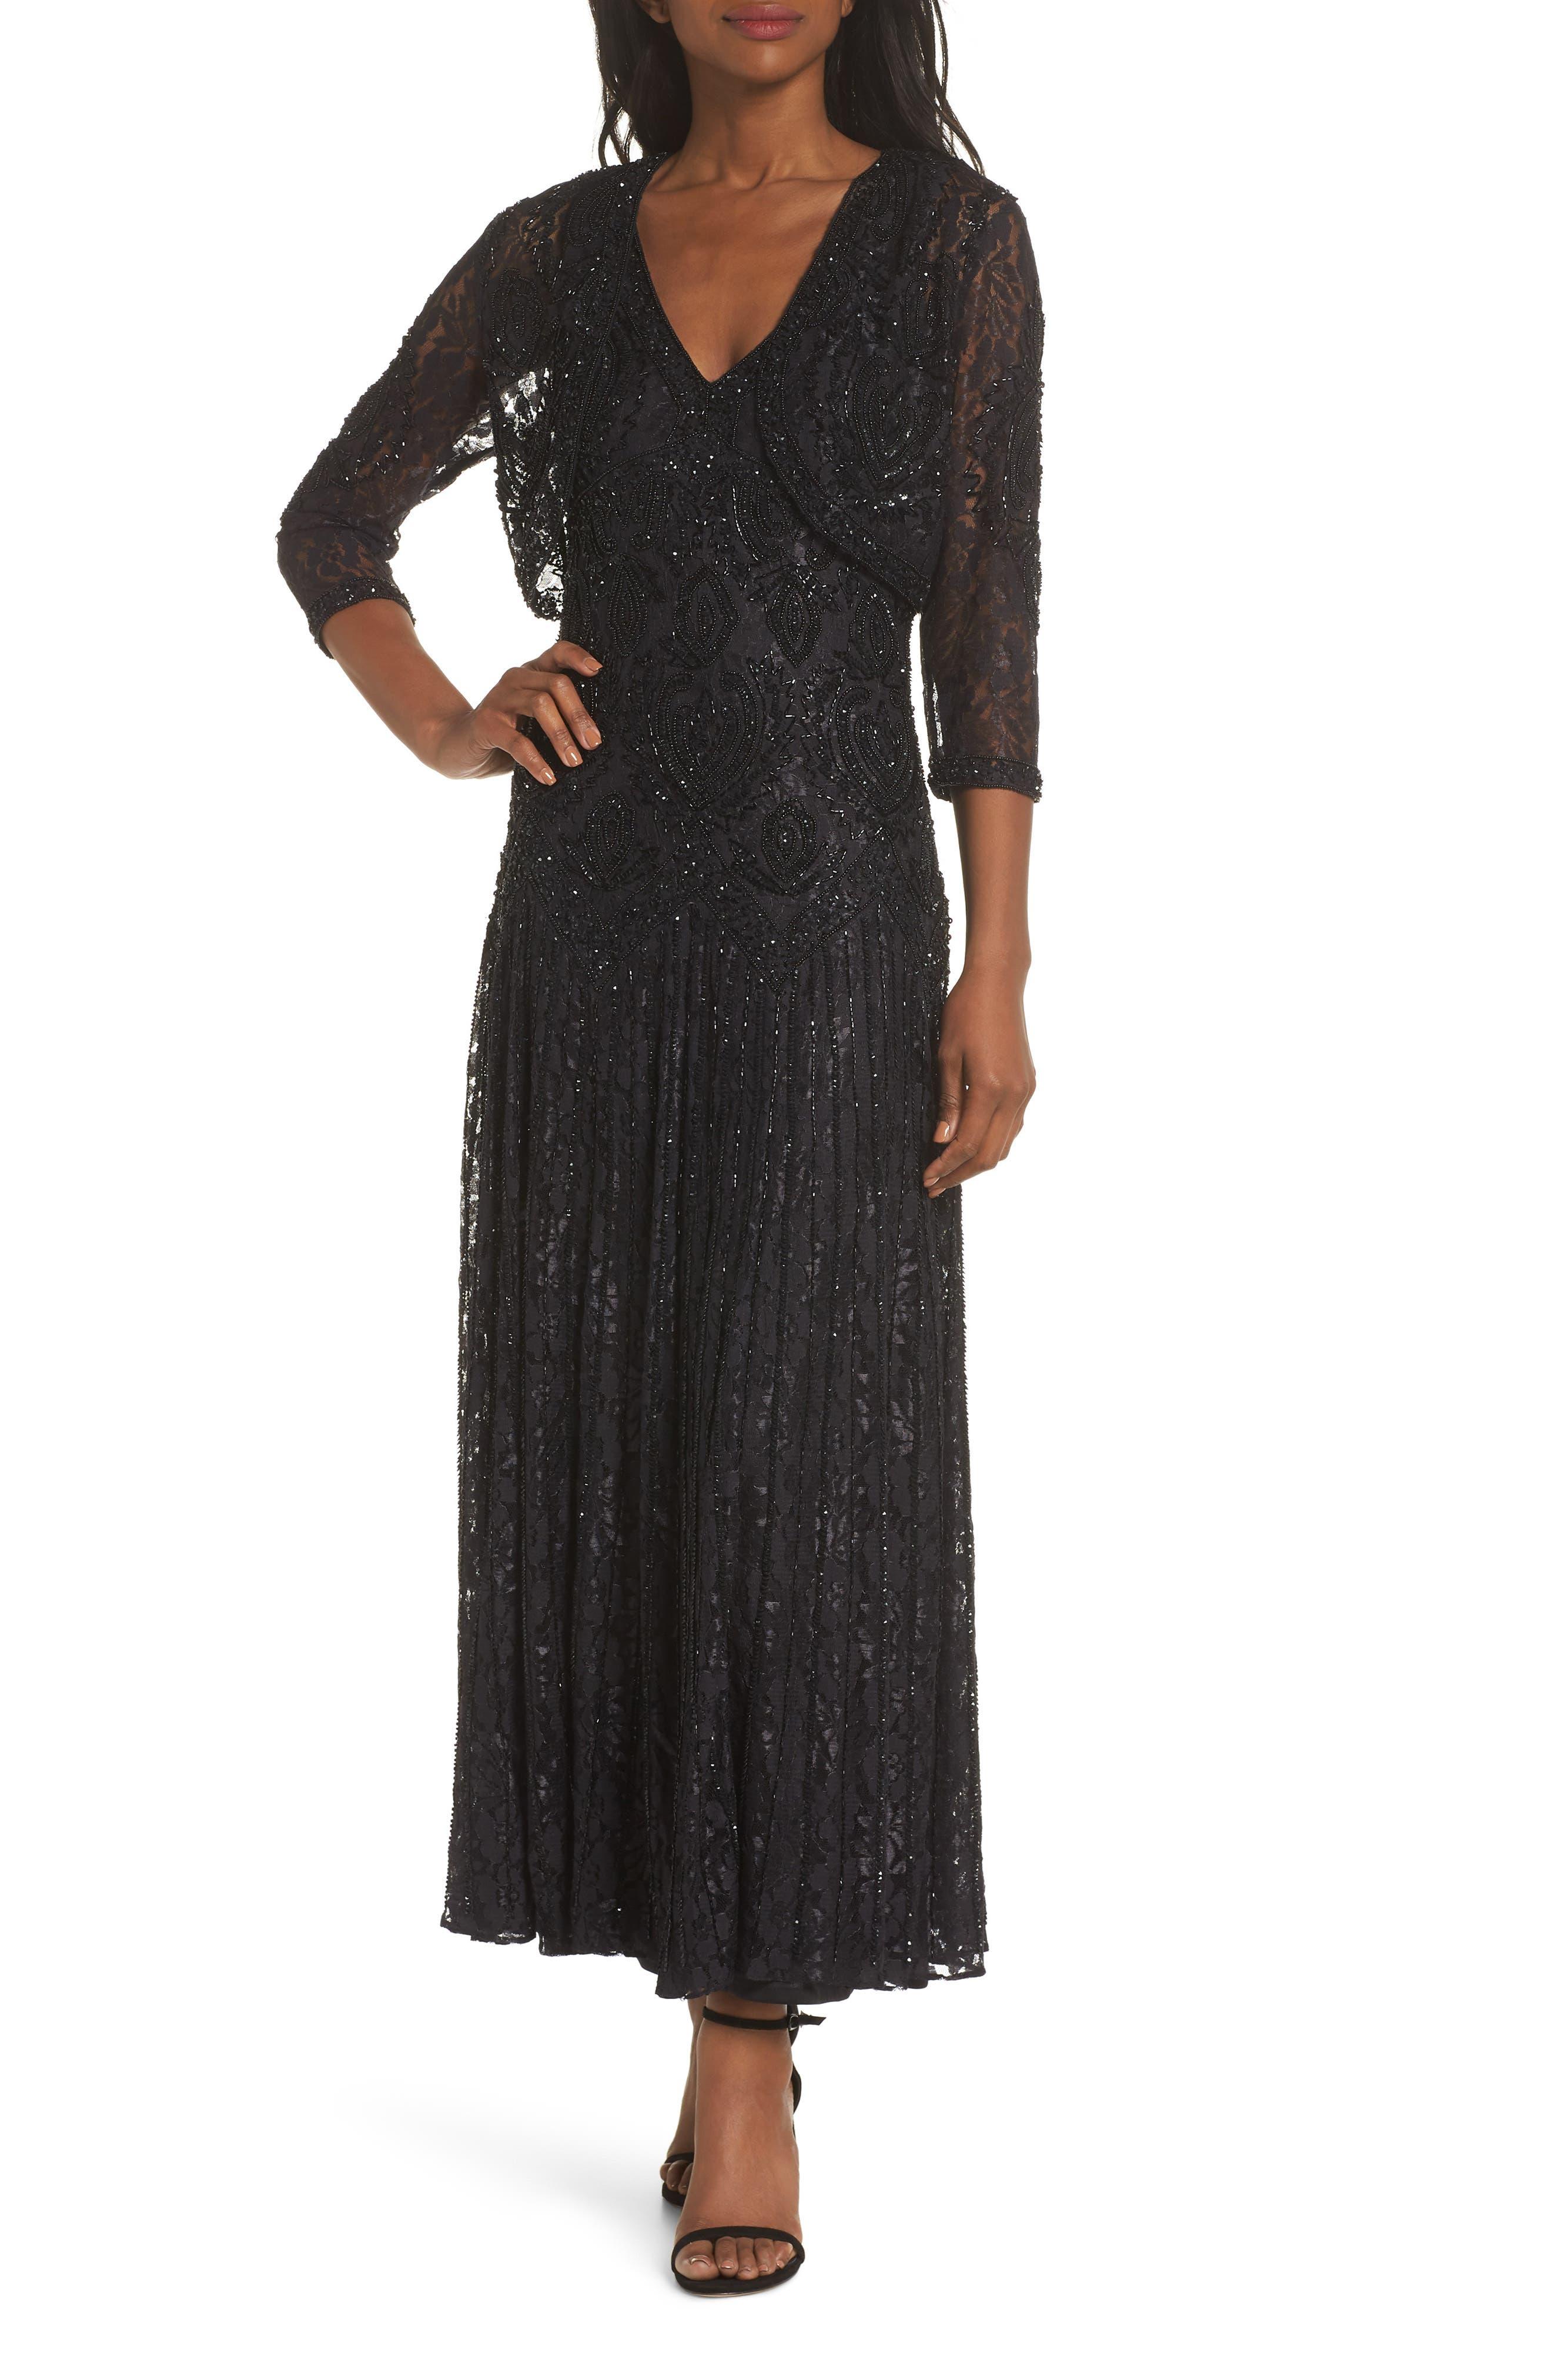 PISARRO NIGHTS, Beaded Lace Evening Dress with Bolero, Main thumbnail 1, color, BLACK